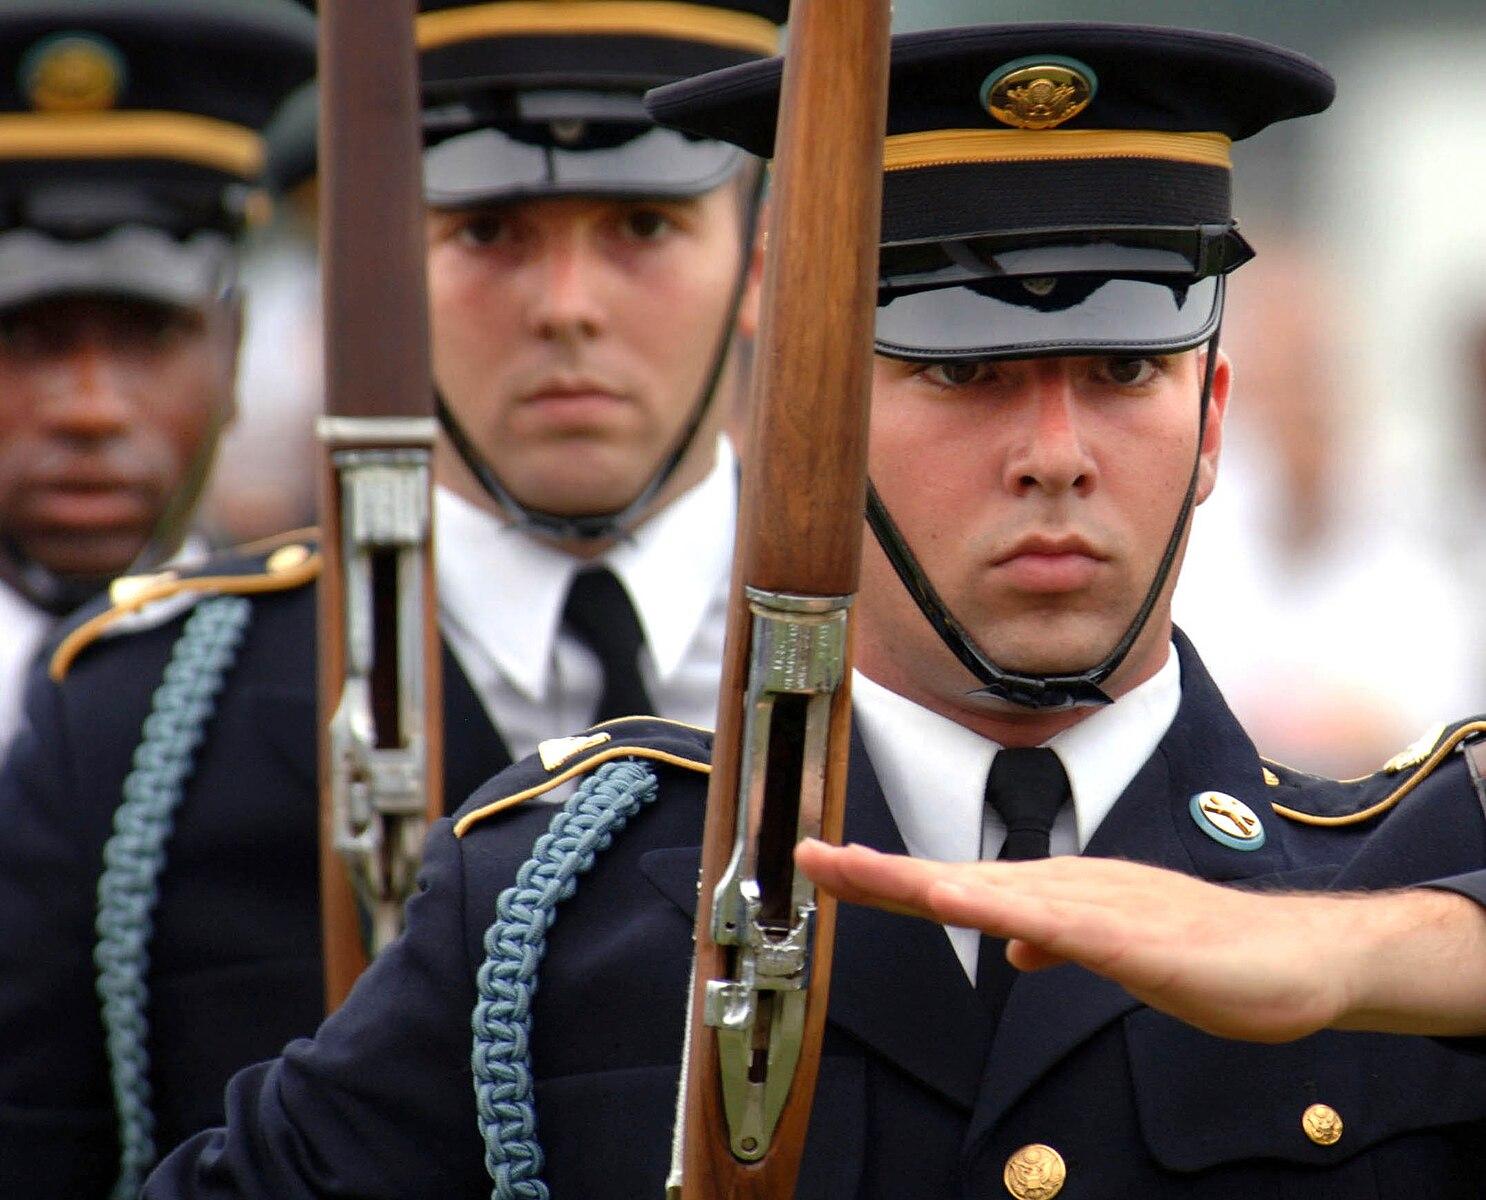 Смешные картинки военного мужчины куда можно вставить фото лица, ночи живые